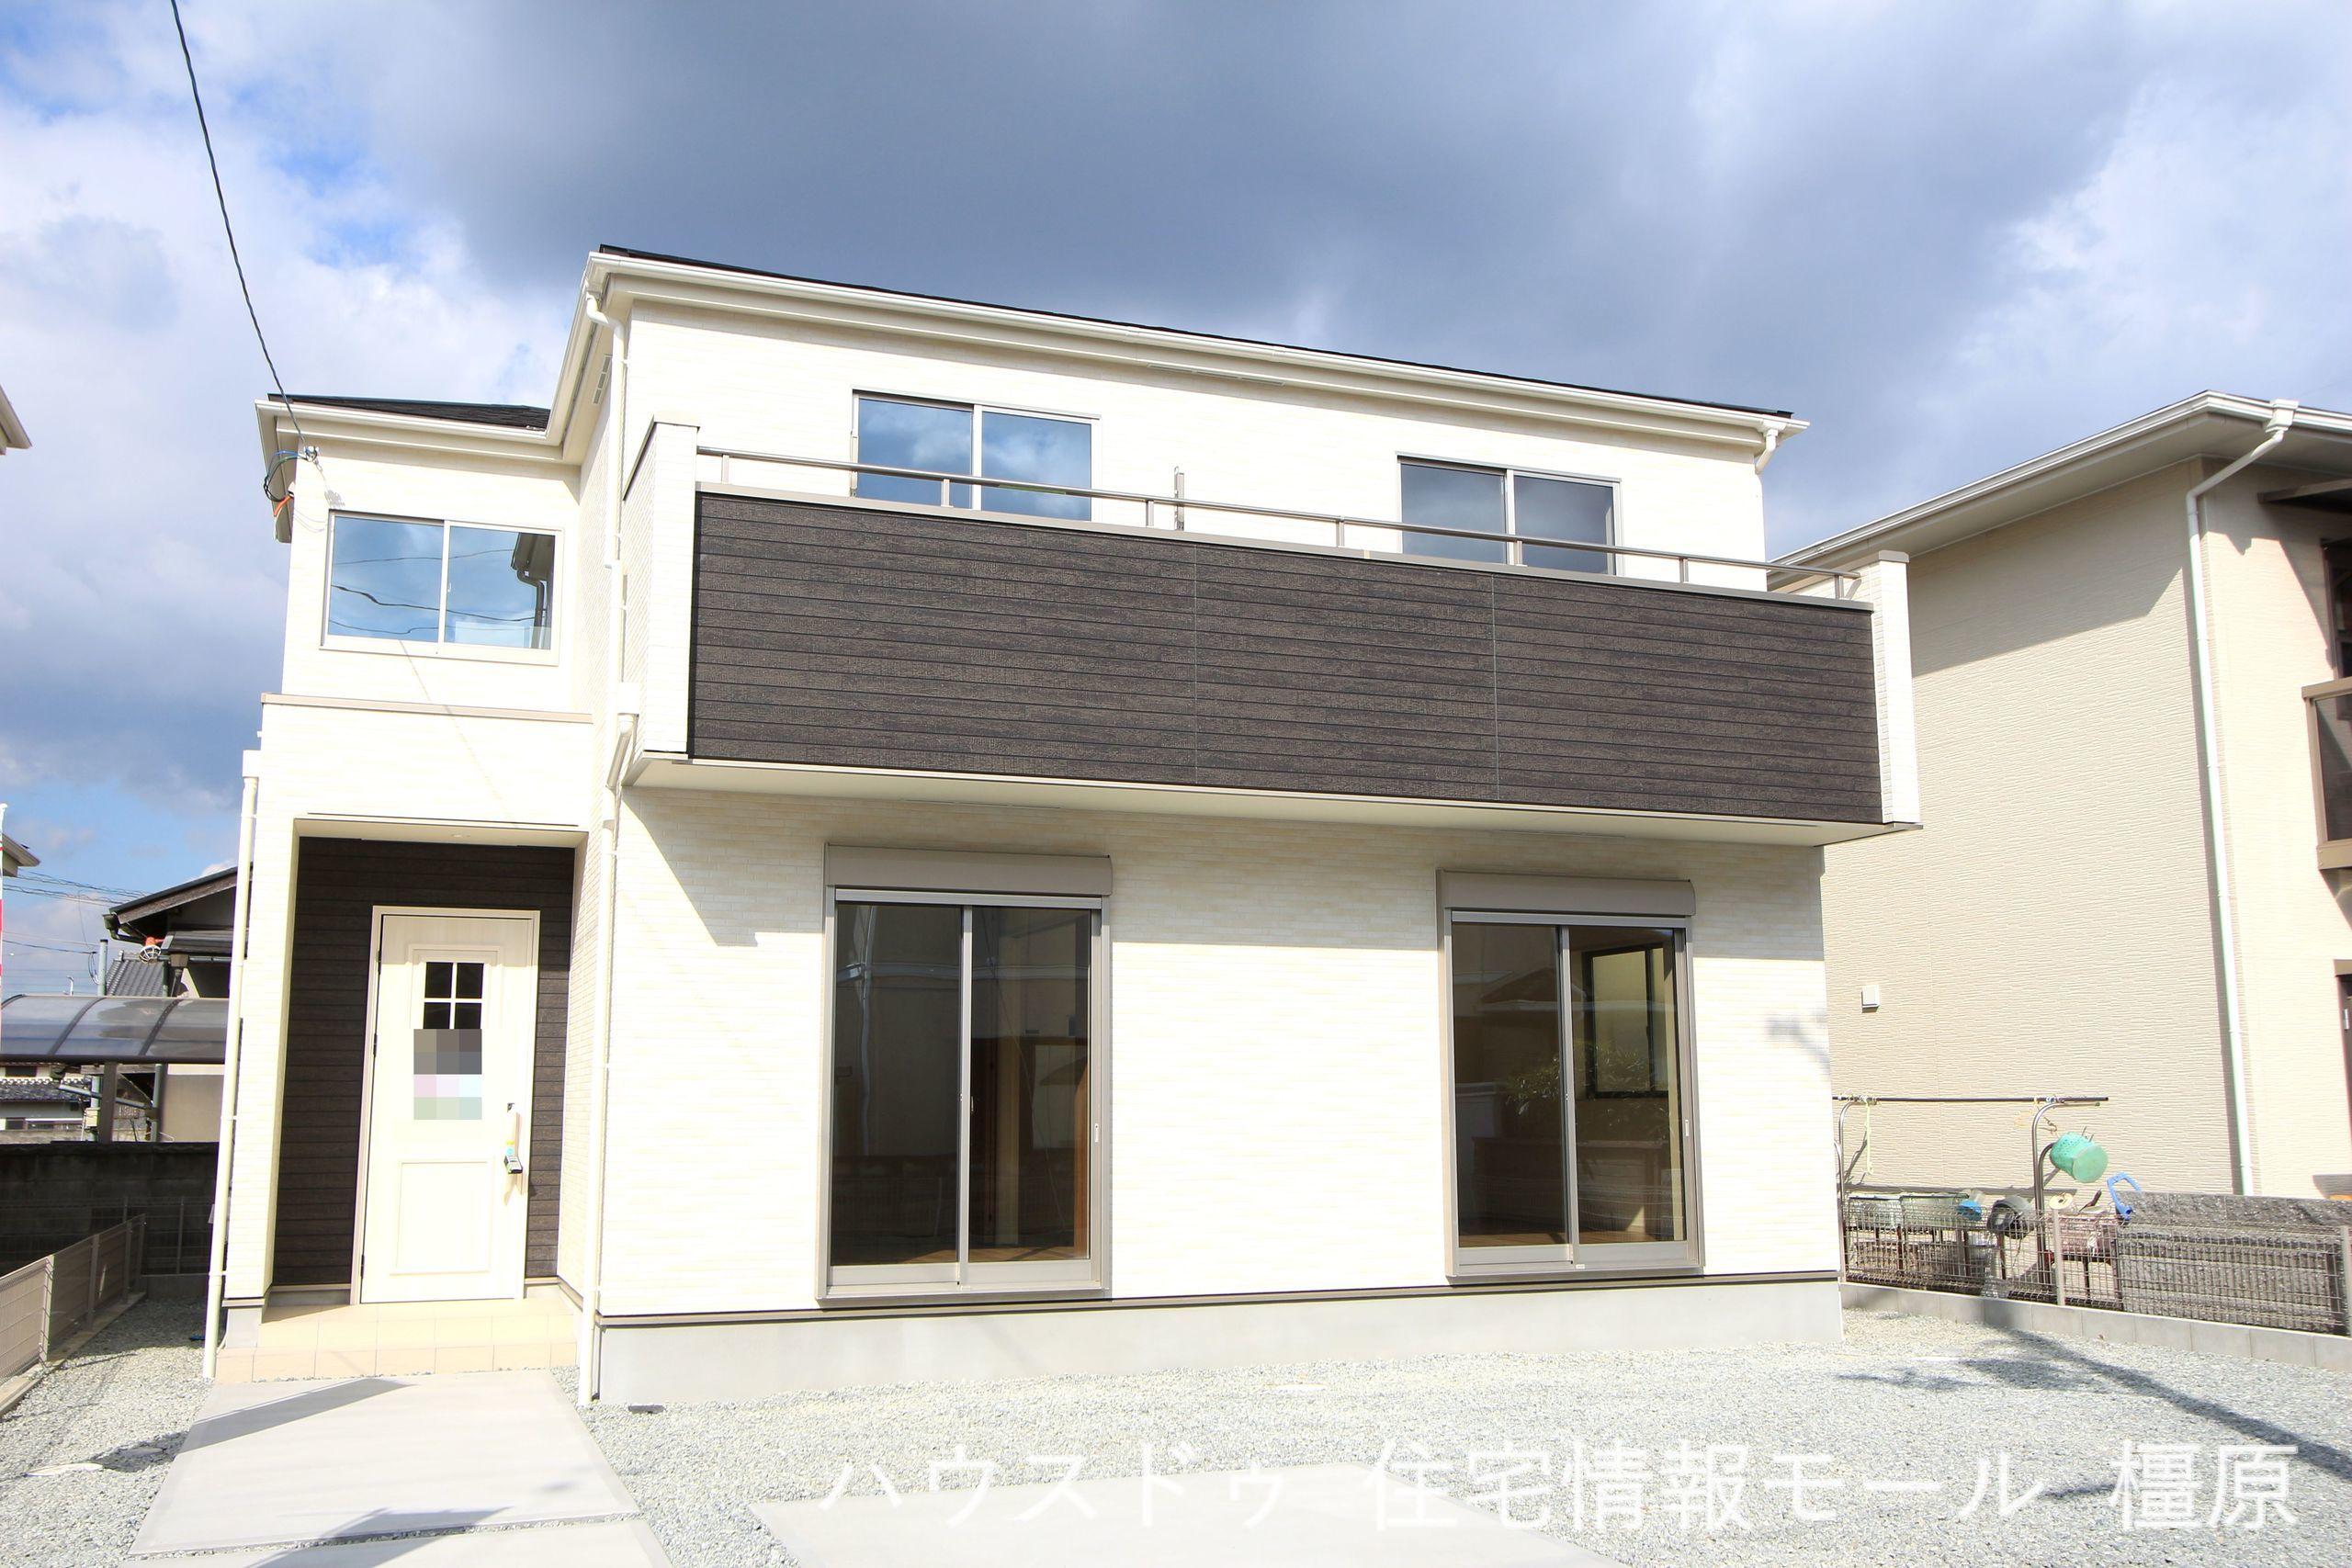 建築工事が始まりました。 基礎や構造部分もしっかりご確認頂けます。 モデルルームへのご案内も可能です。 (2021年10月撮影)